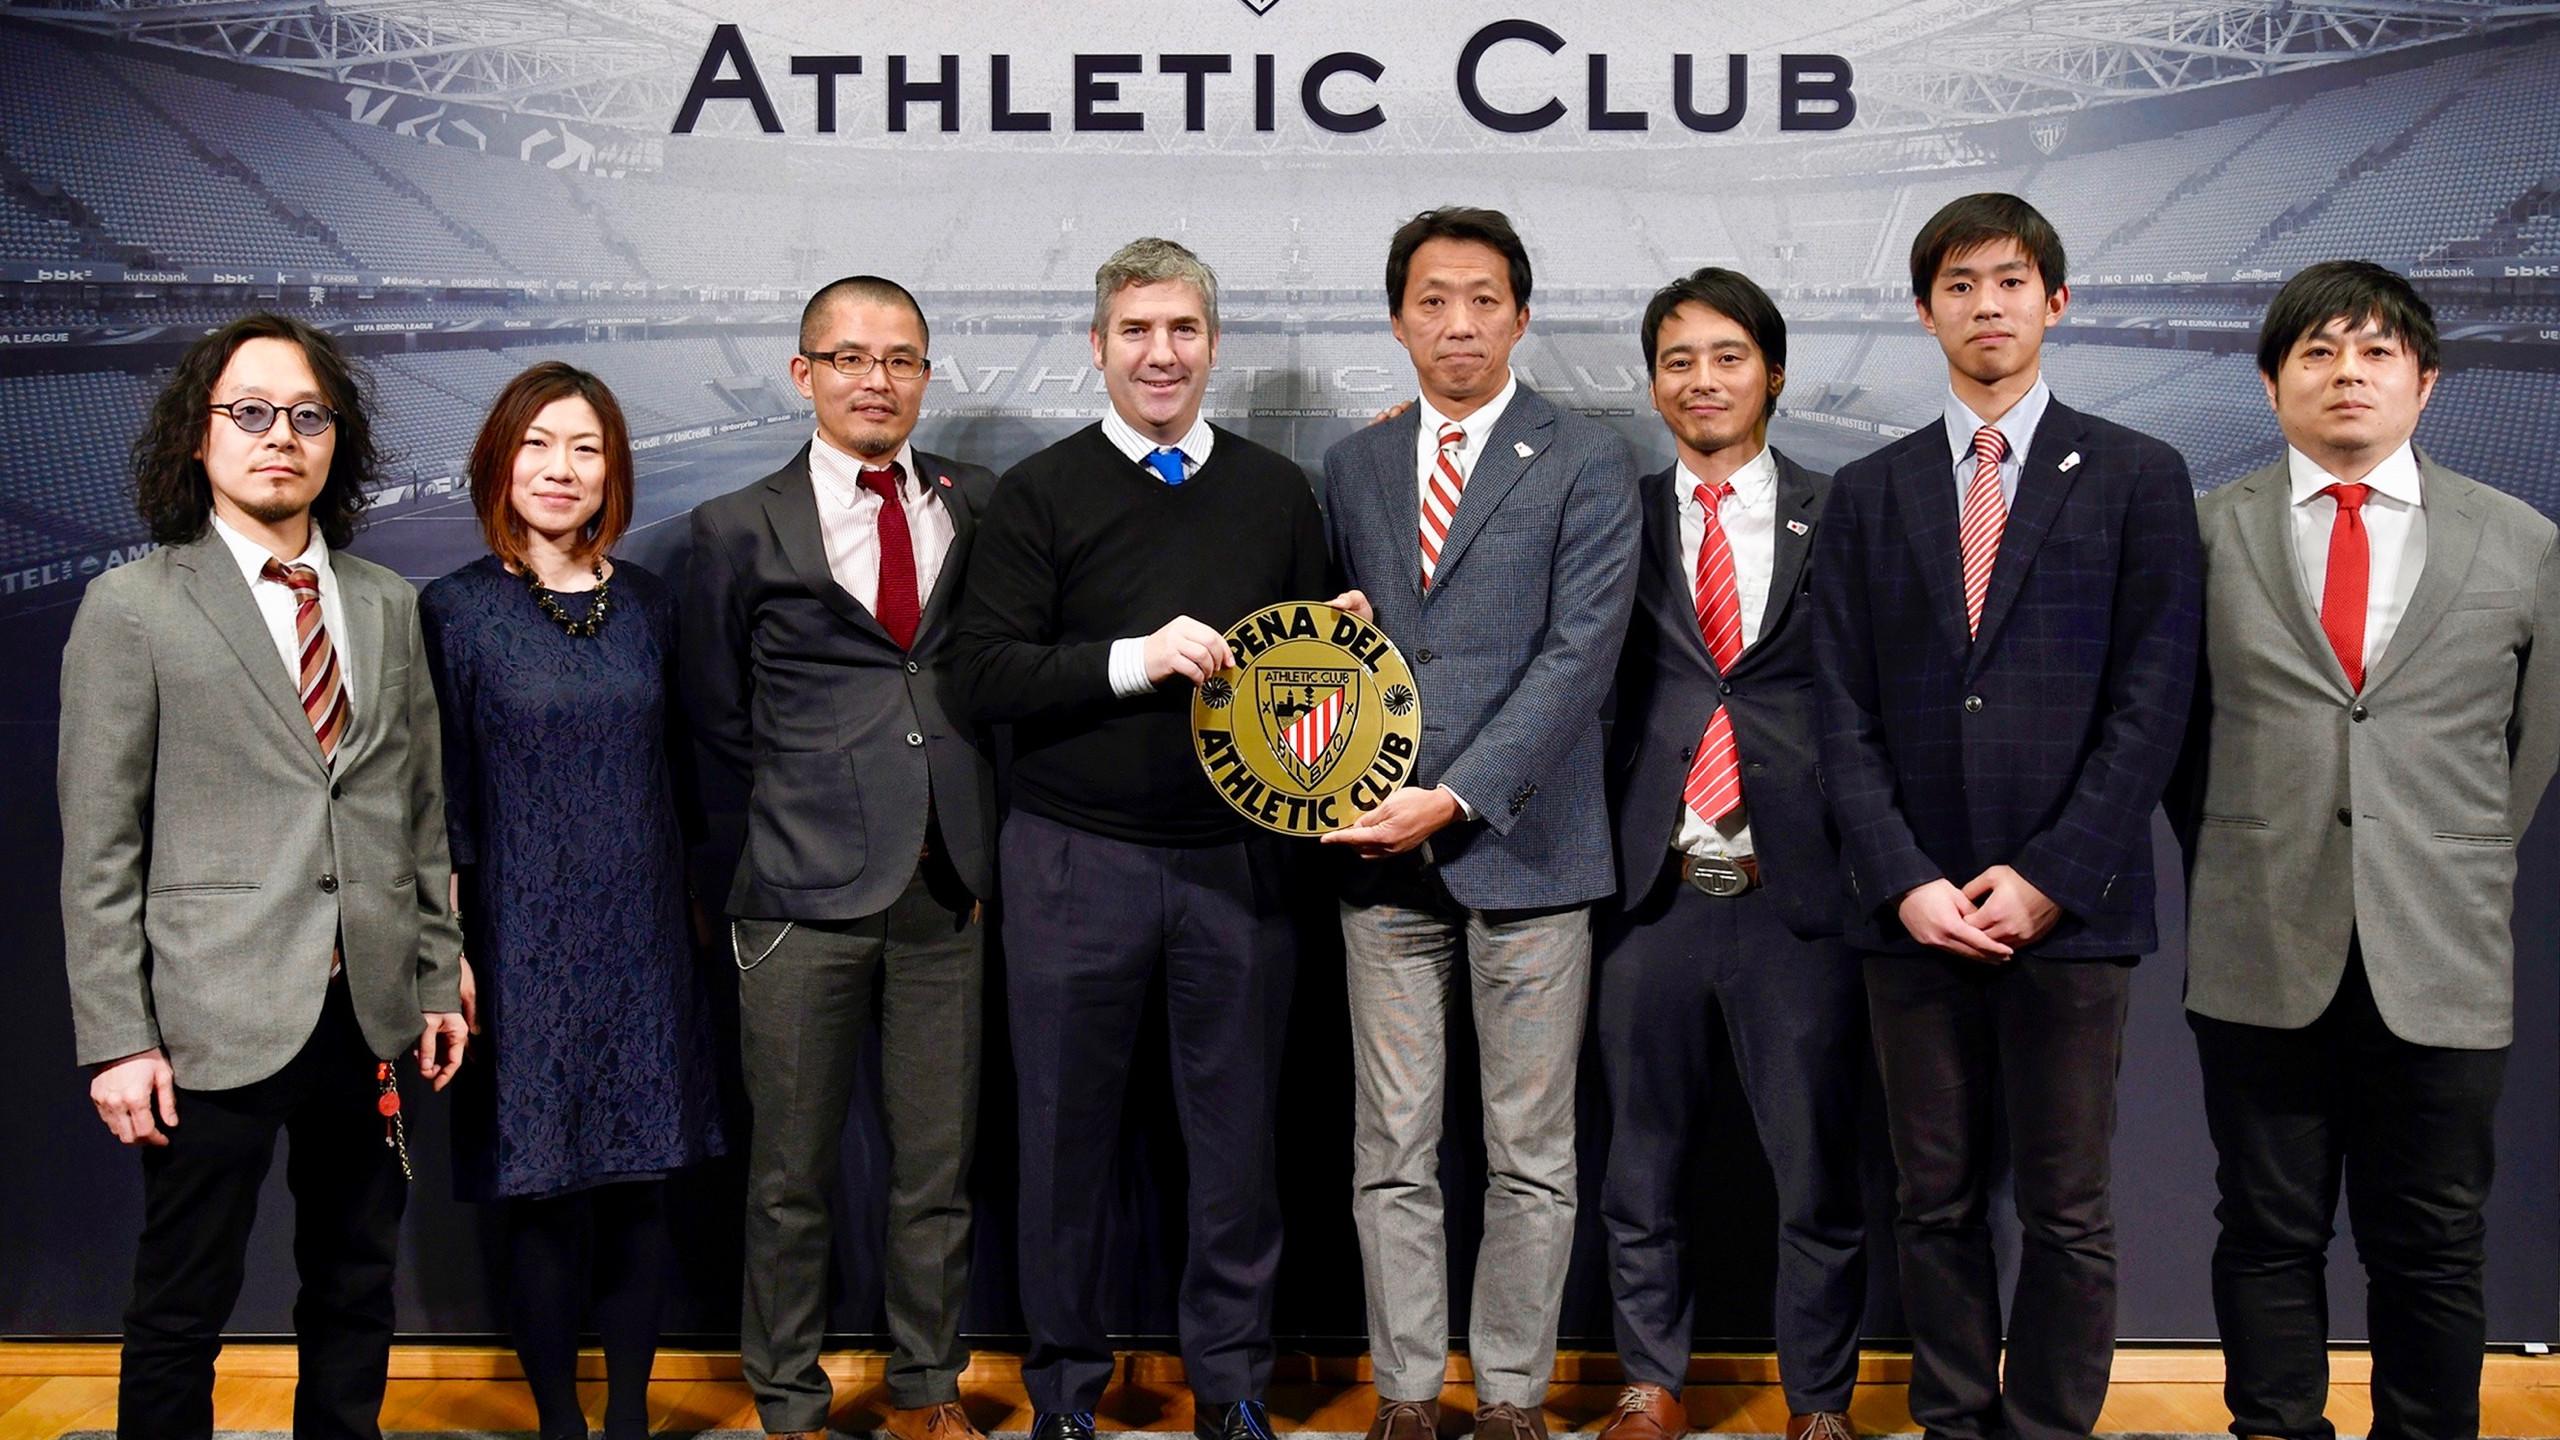 Athletic Club 2